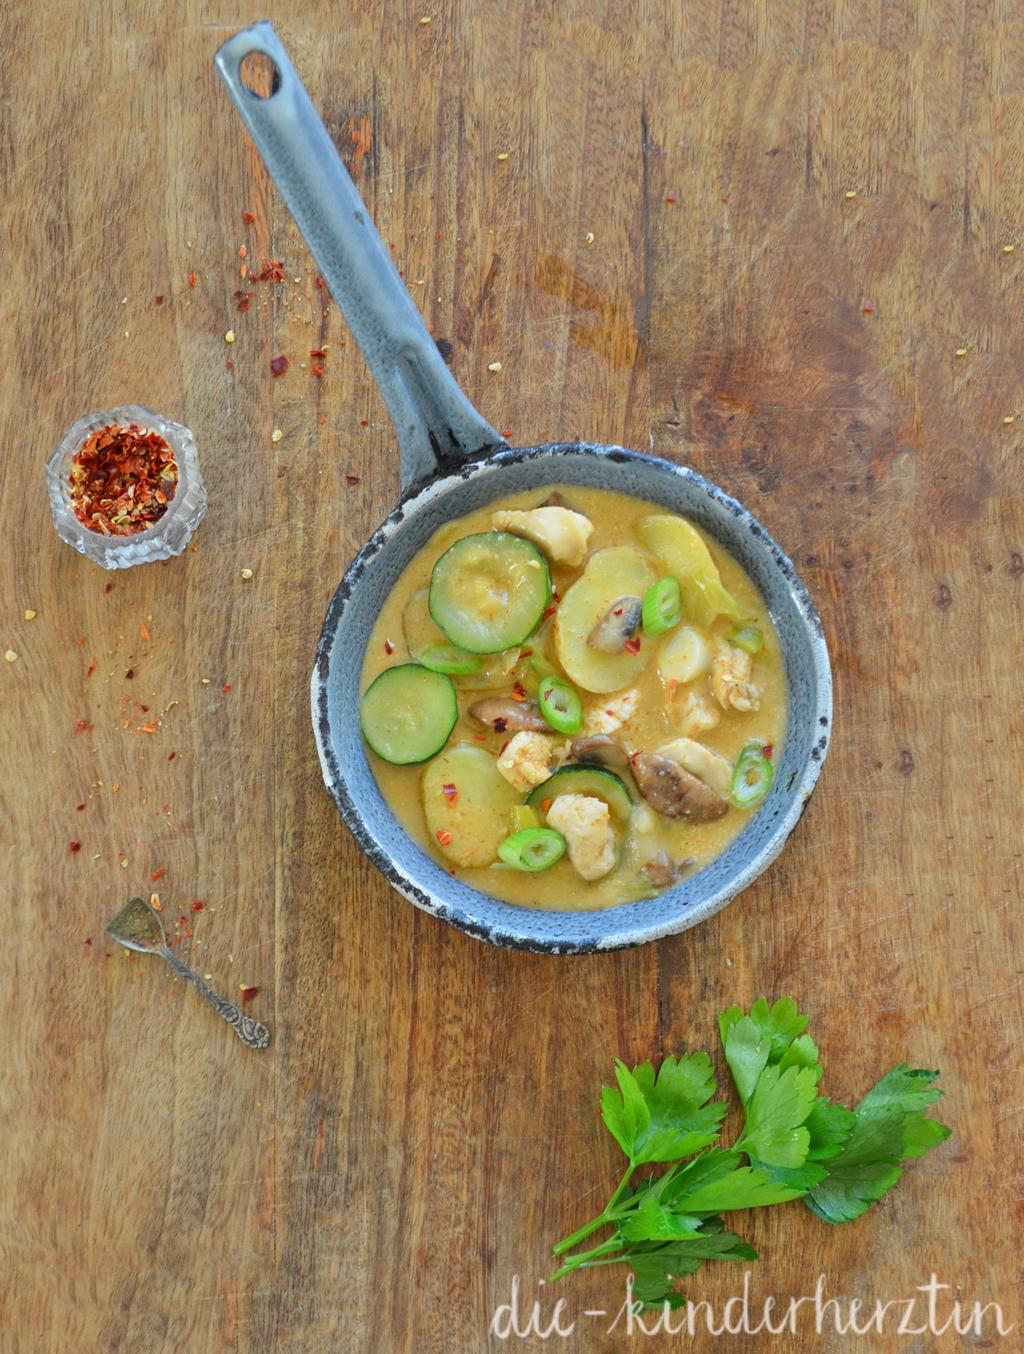 Hühnchen-Gemüse-Eintopf: fertiges Gericht in einer Pfanne